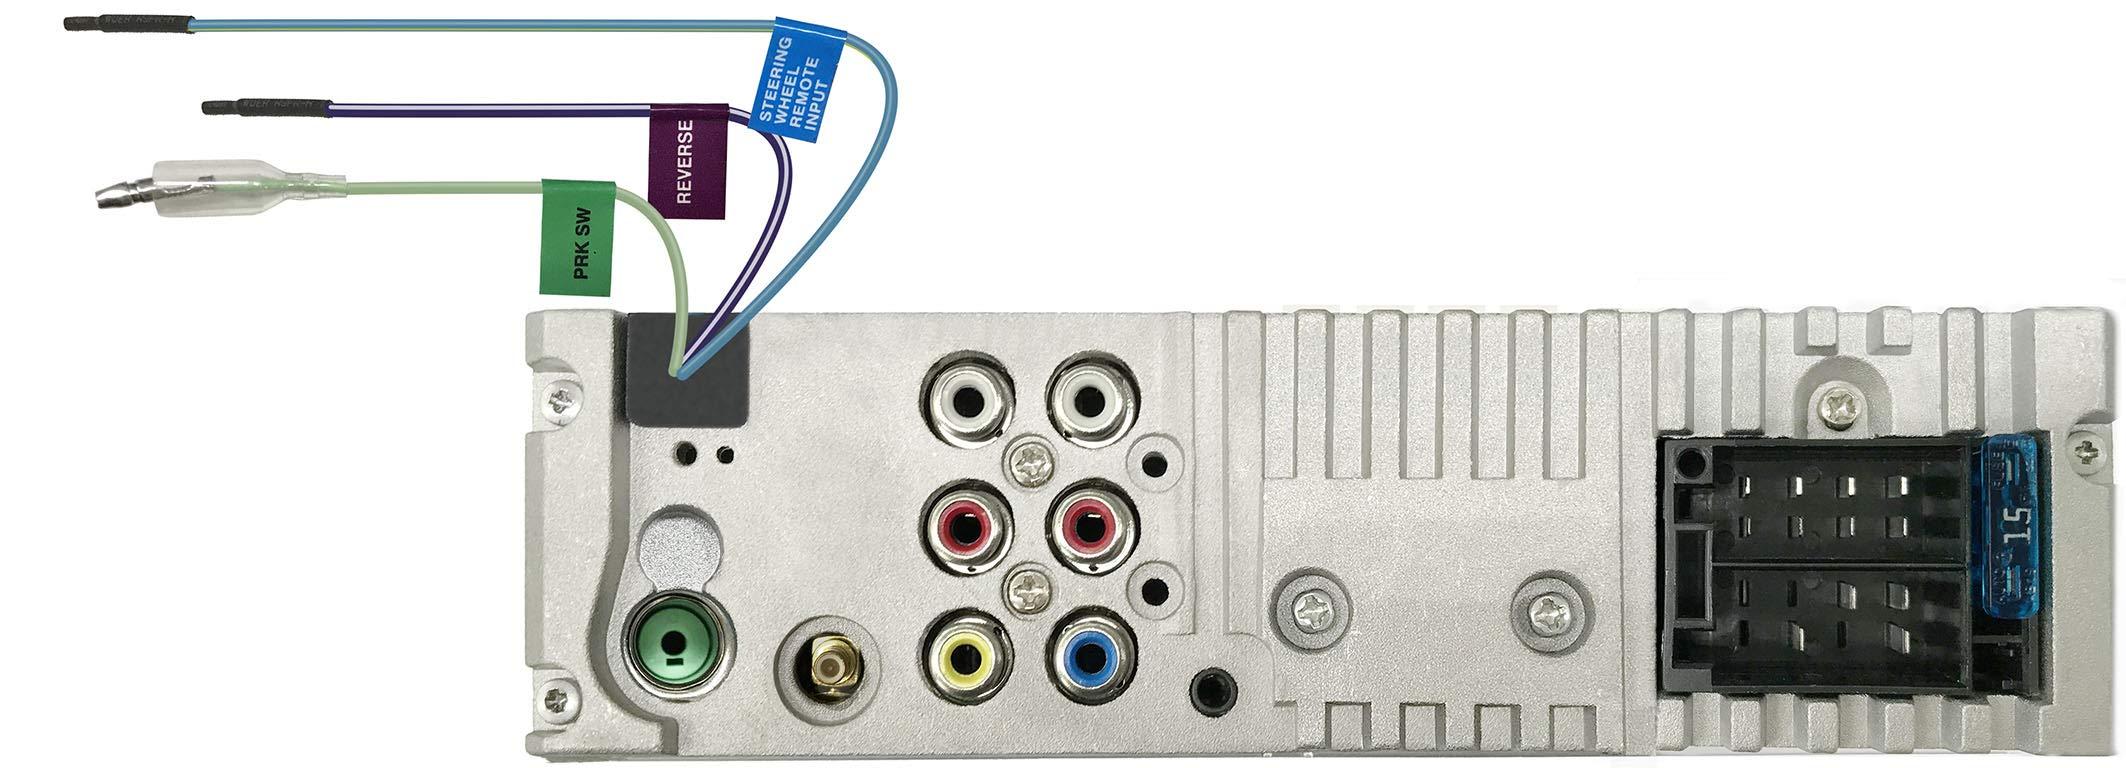 JVC-KD-X561DBT-Digital-Media-Receiver-mit-3-TFT-Farbdisplay